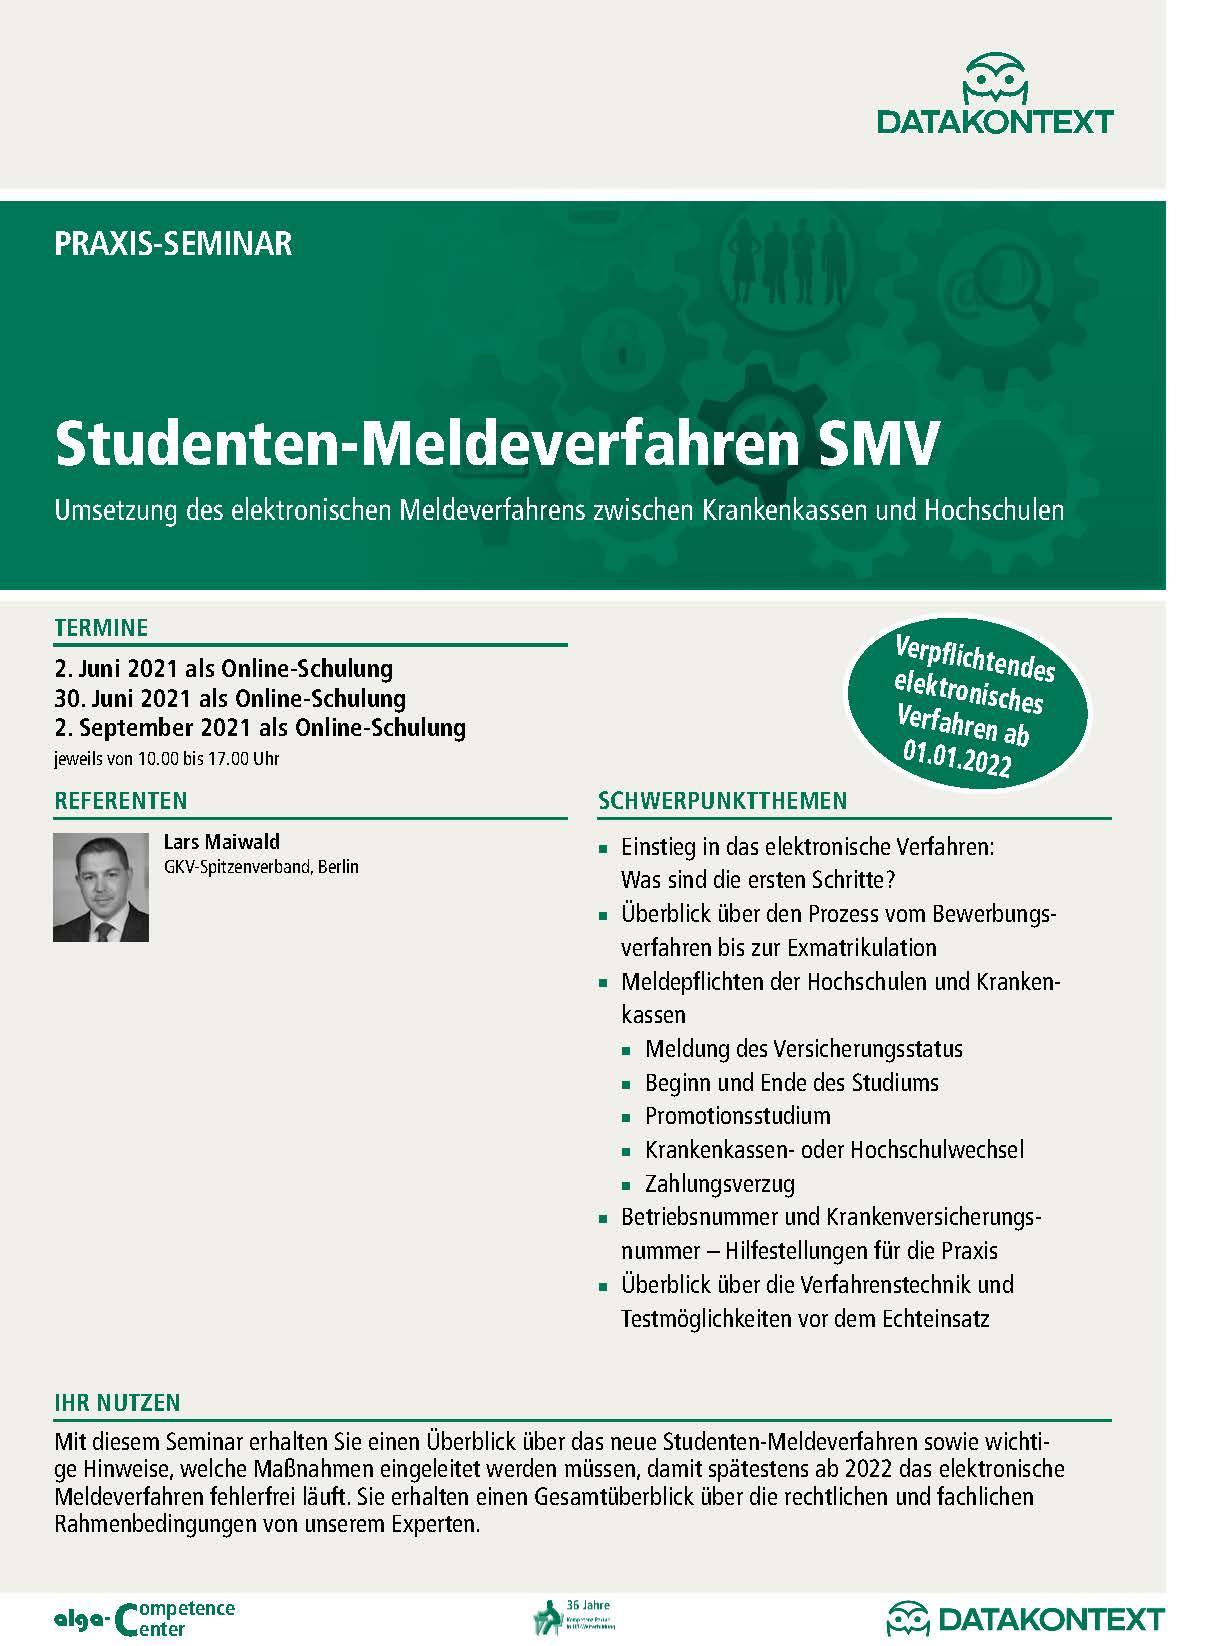 Studenten-Meldeverfahren SMV